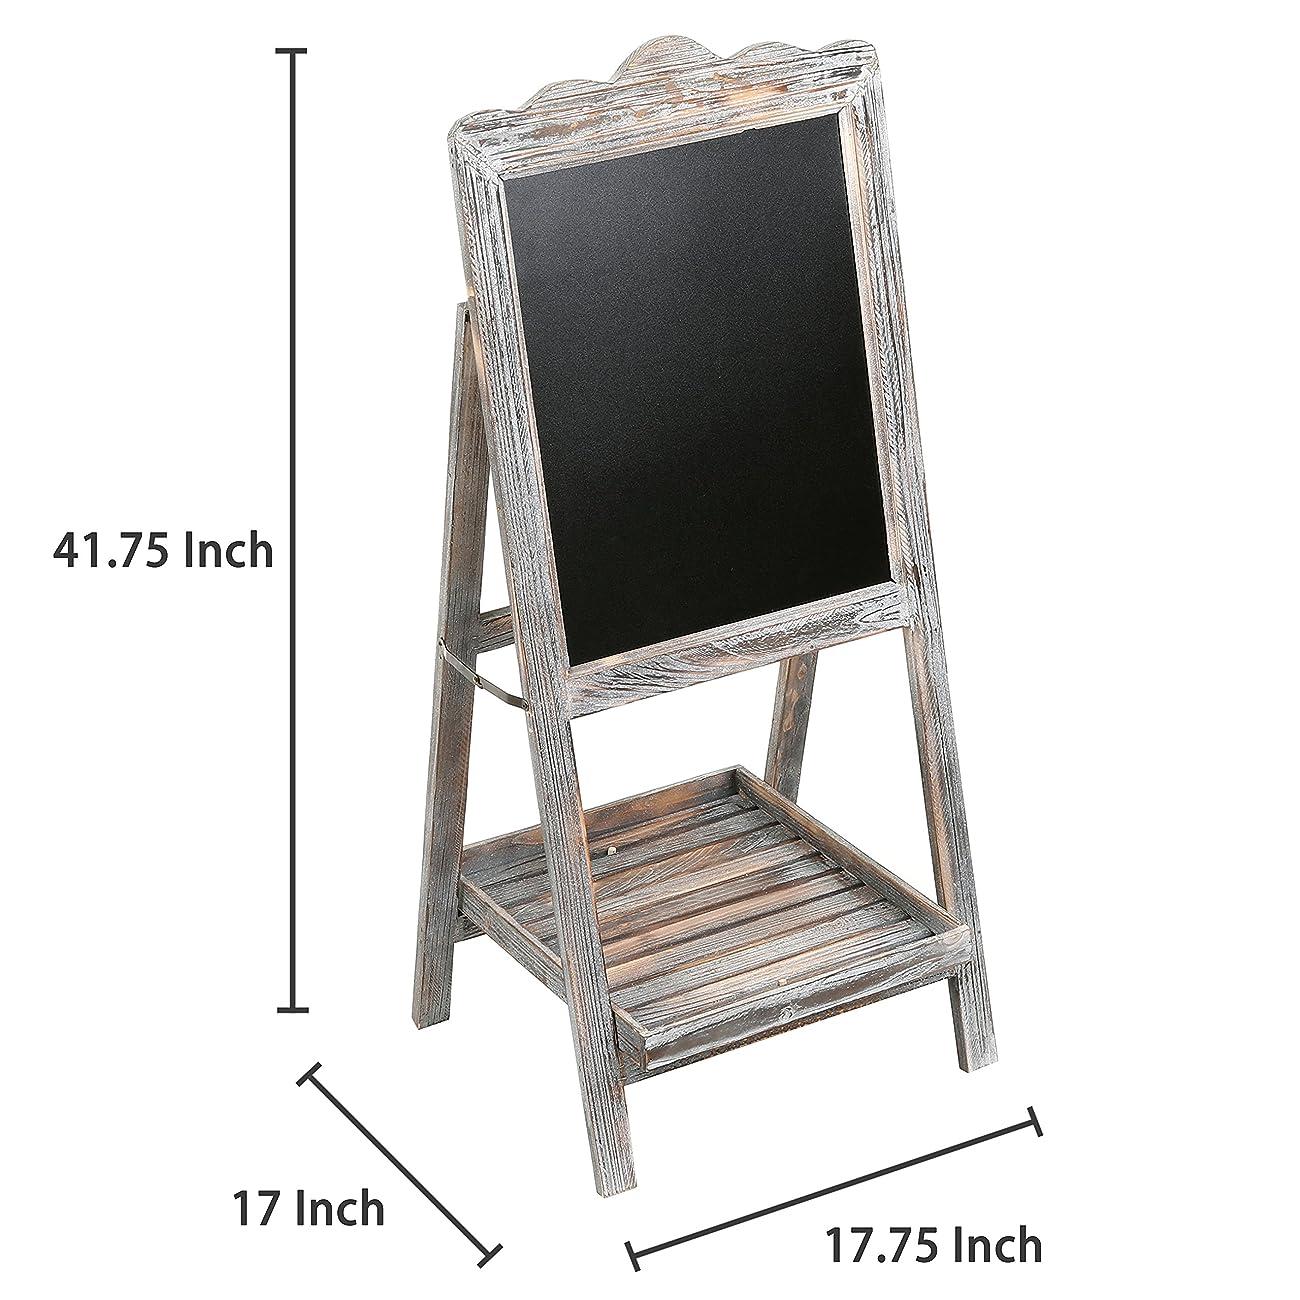 MyGift Torched Wood Chalkboard Easel, Freestanding Vintage Sign Blackboard, Brown 4